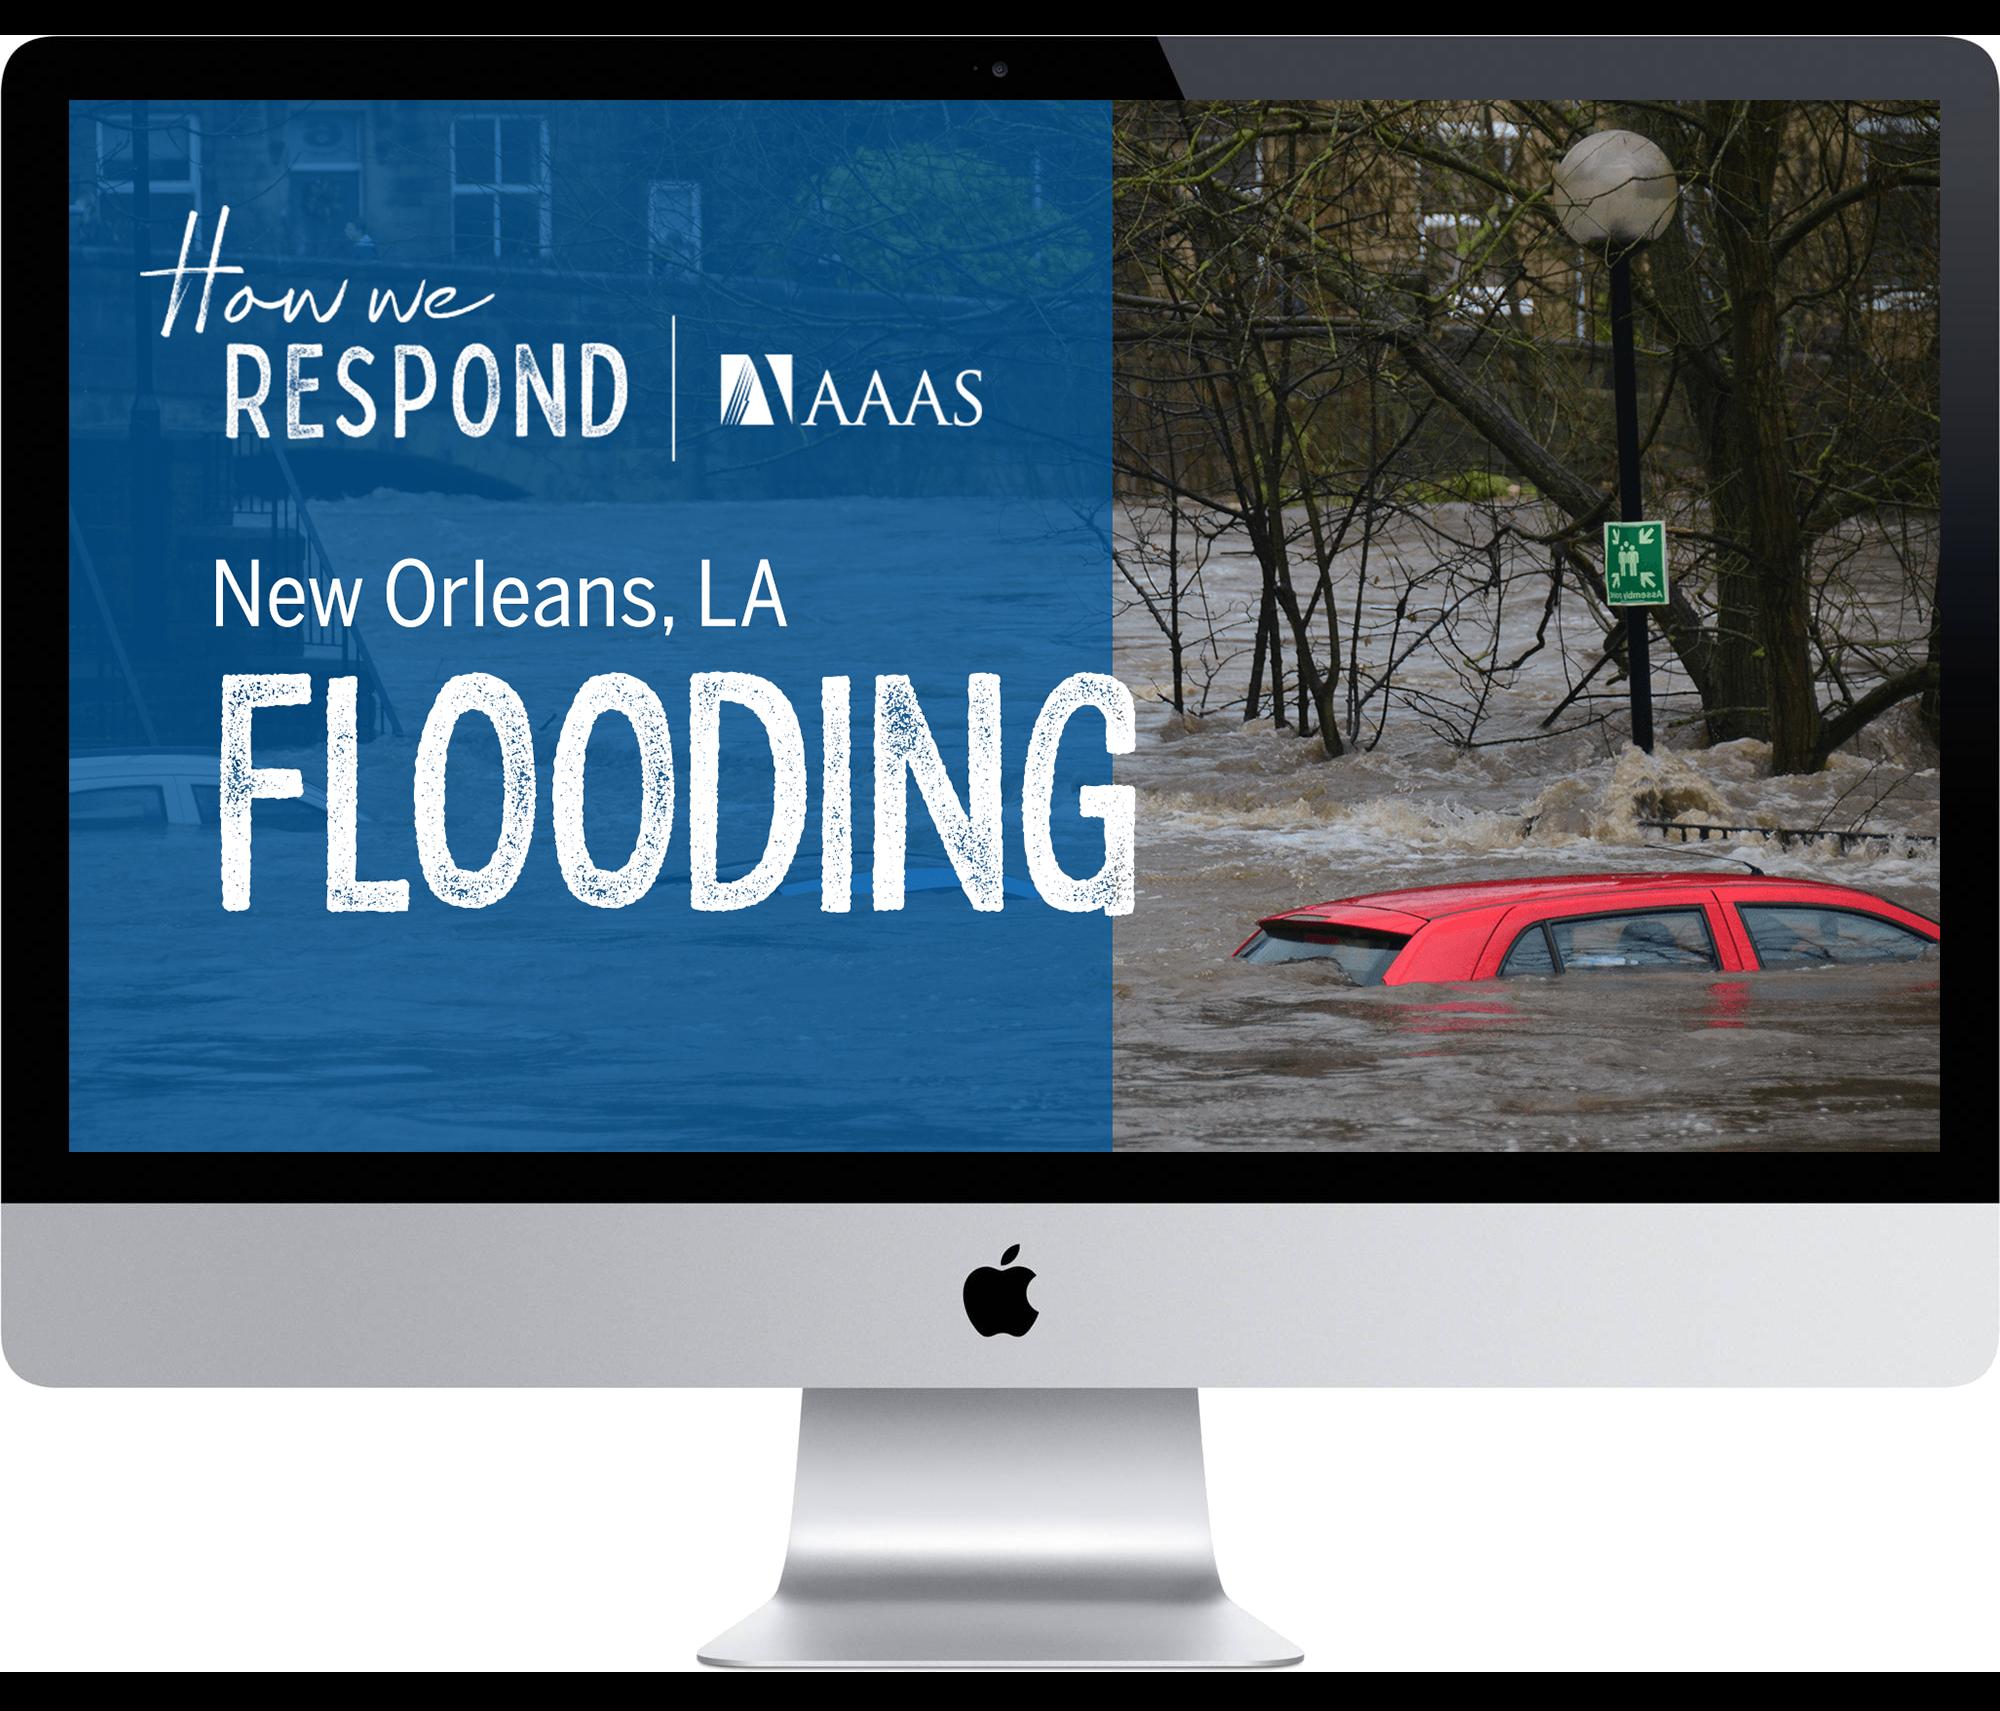 New Orleans, LA - Flooding